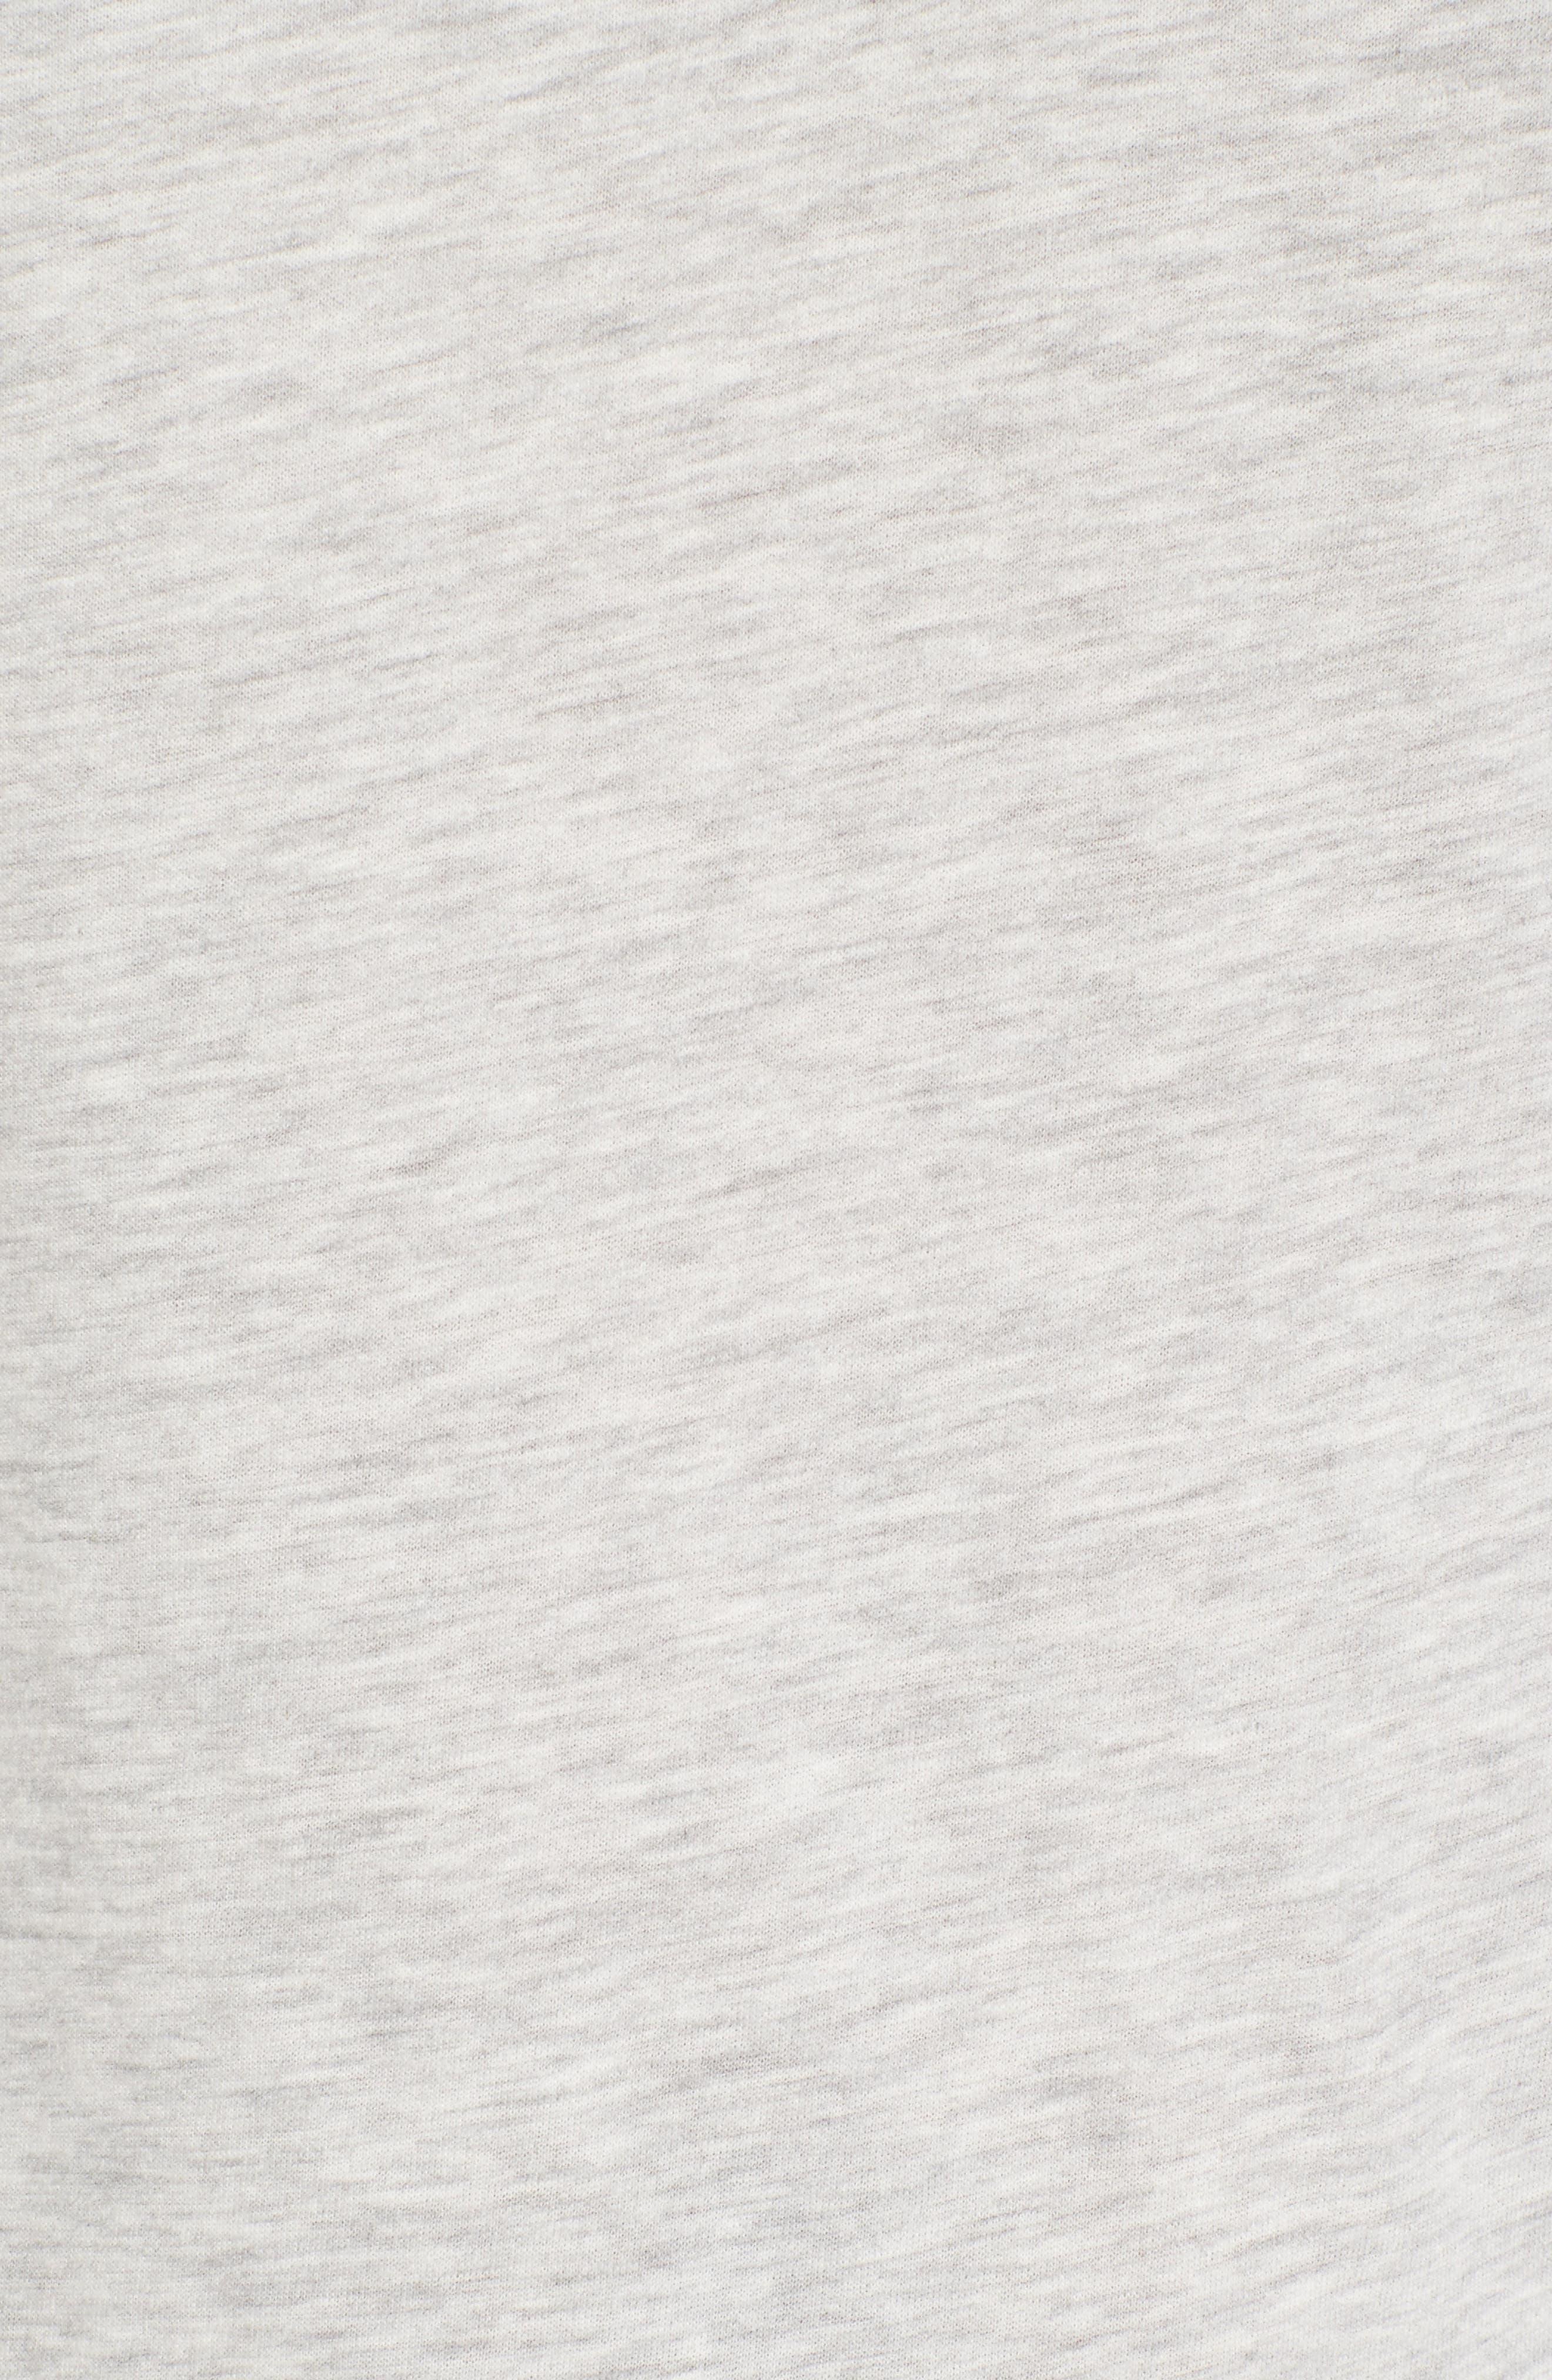 Club Nomade Soft Granddad T-Shirt,                             Alternate thumbnail 5, color,                             Grey Melange